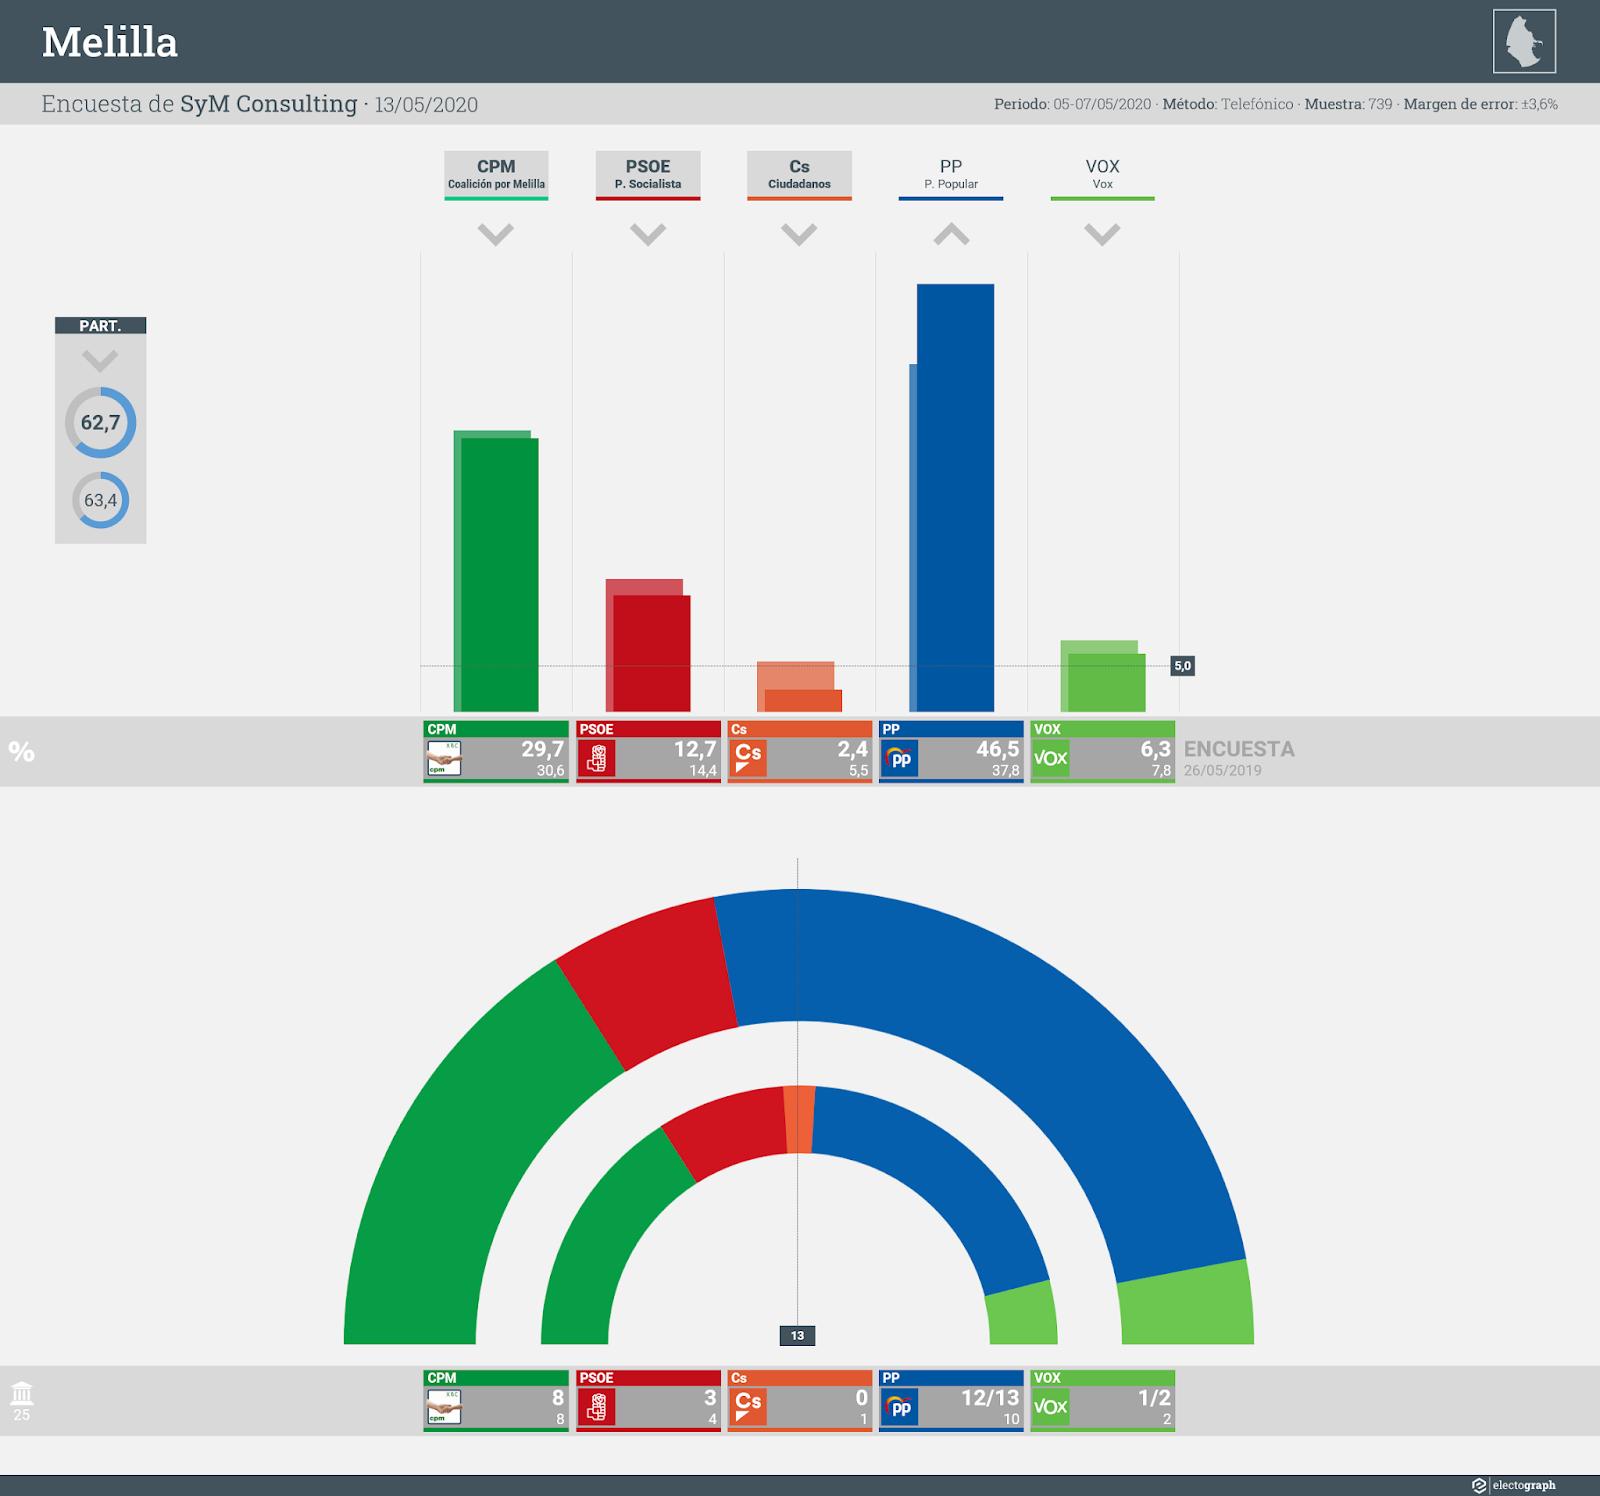 Gráfico de la encuesta para elecciones autonómicas en Melilla realizada por SyM Consulting, 13 de mayo de 2020